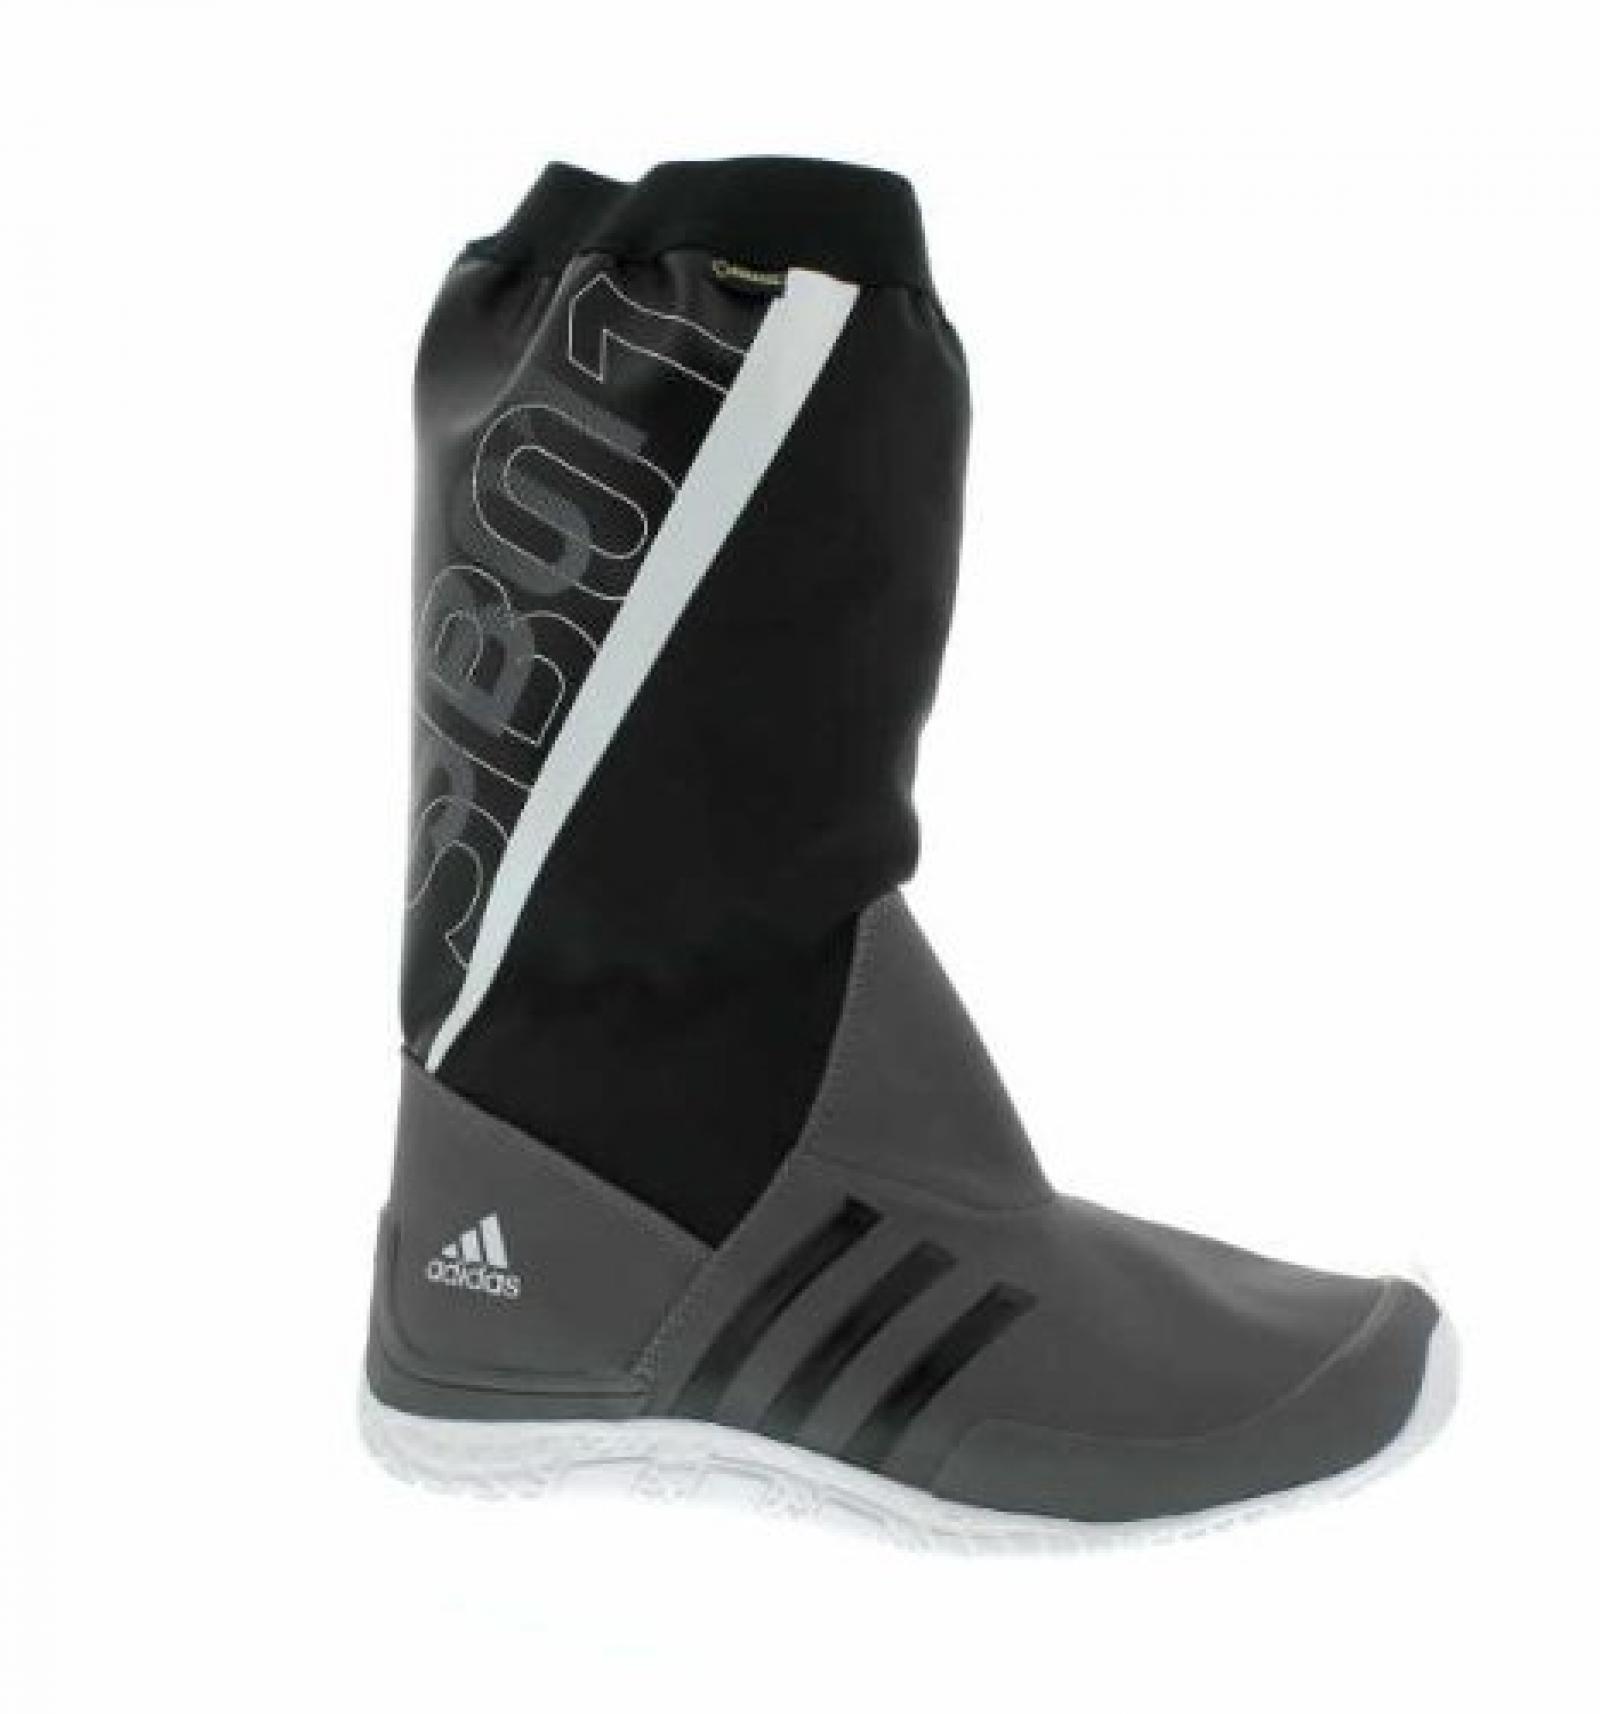 Adidas Sailing Gore-Boot SB01 Herren Gore Stiefel Regattastiefel (schwarz-grau)